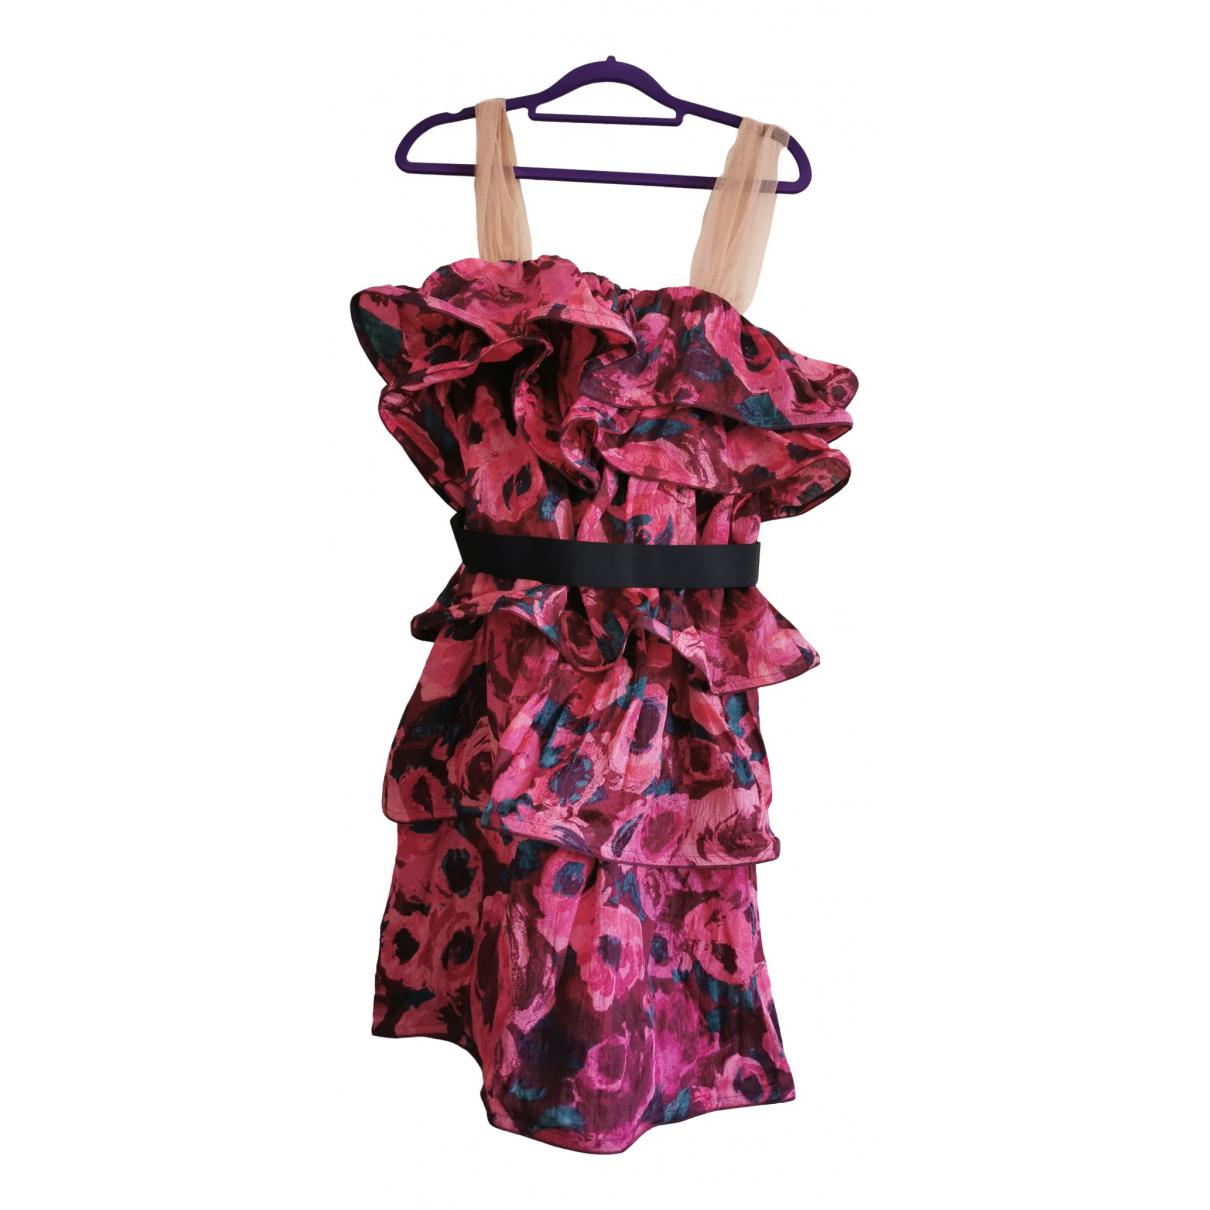 Lanvin For H&m \N Kleid in Seide